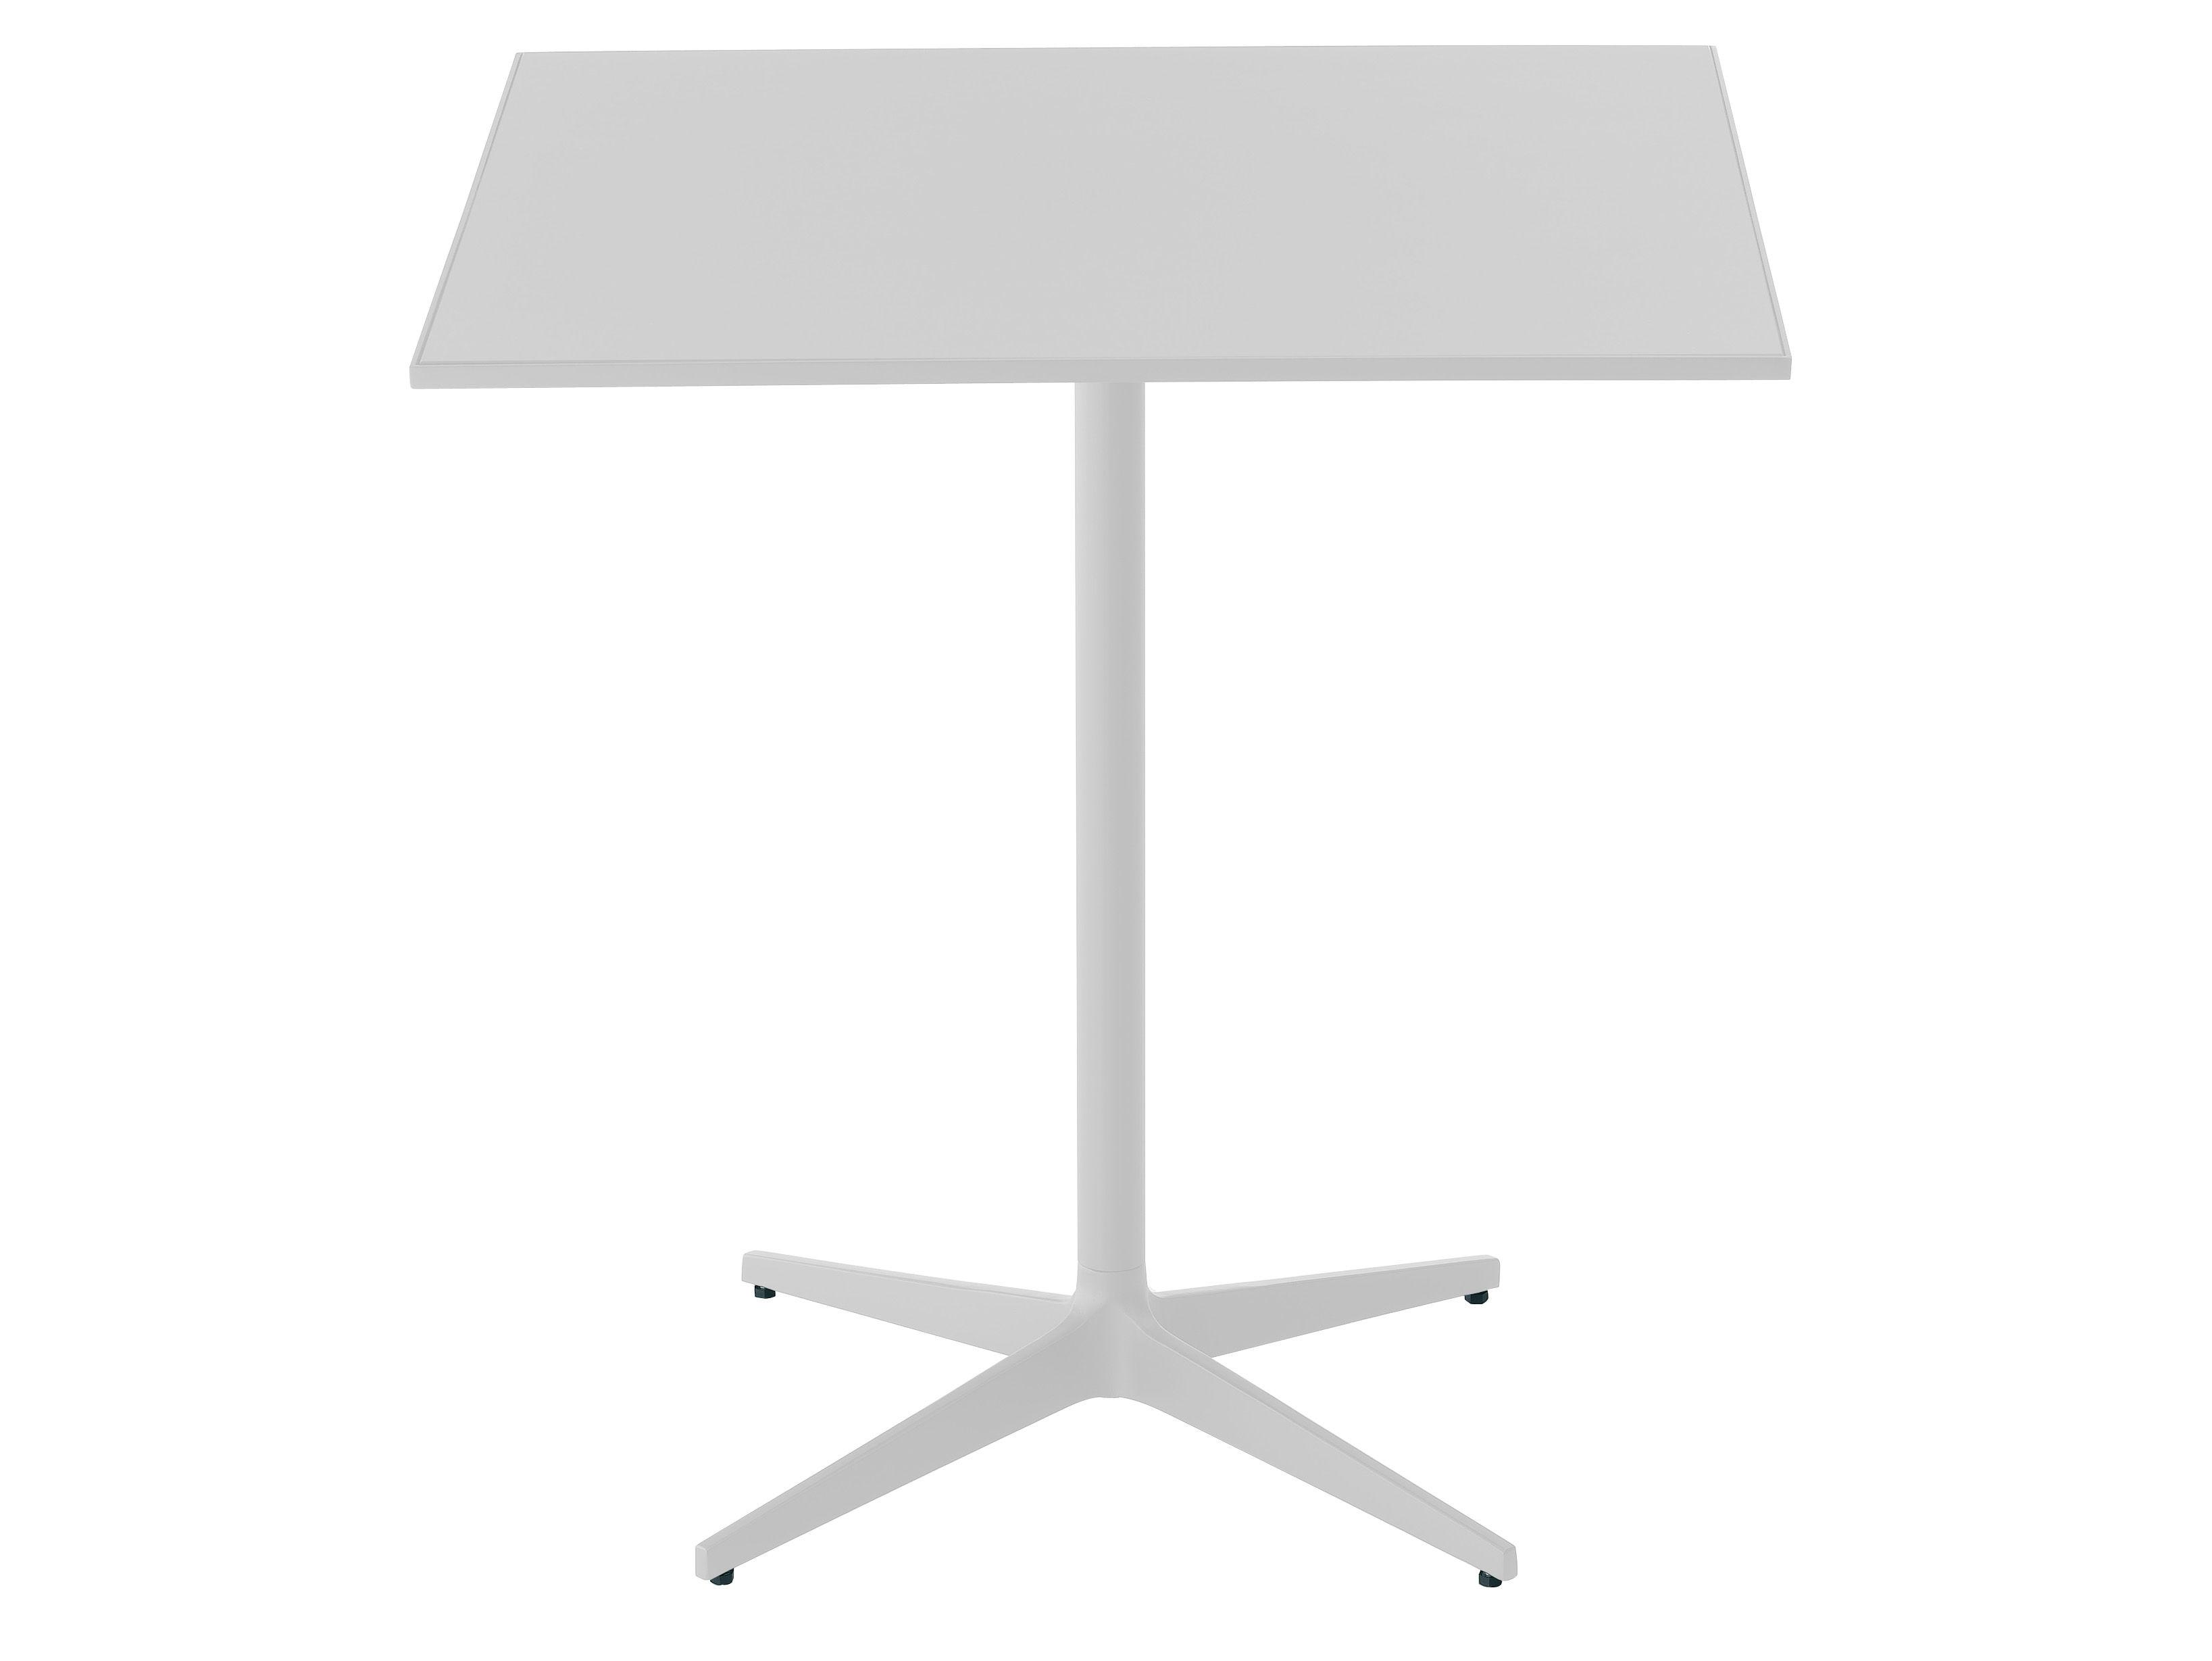 Möbel - Tische - T Table carrée - MDF Italia - Weiß - weißer Fuß - Harz, lackierter Stahl